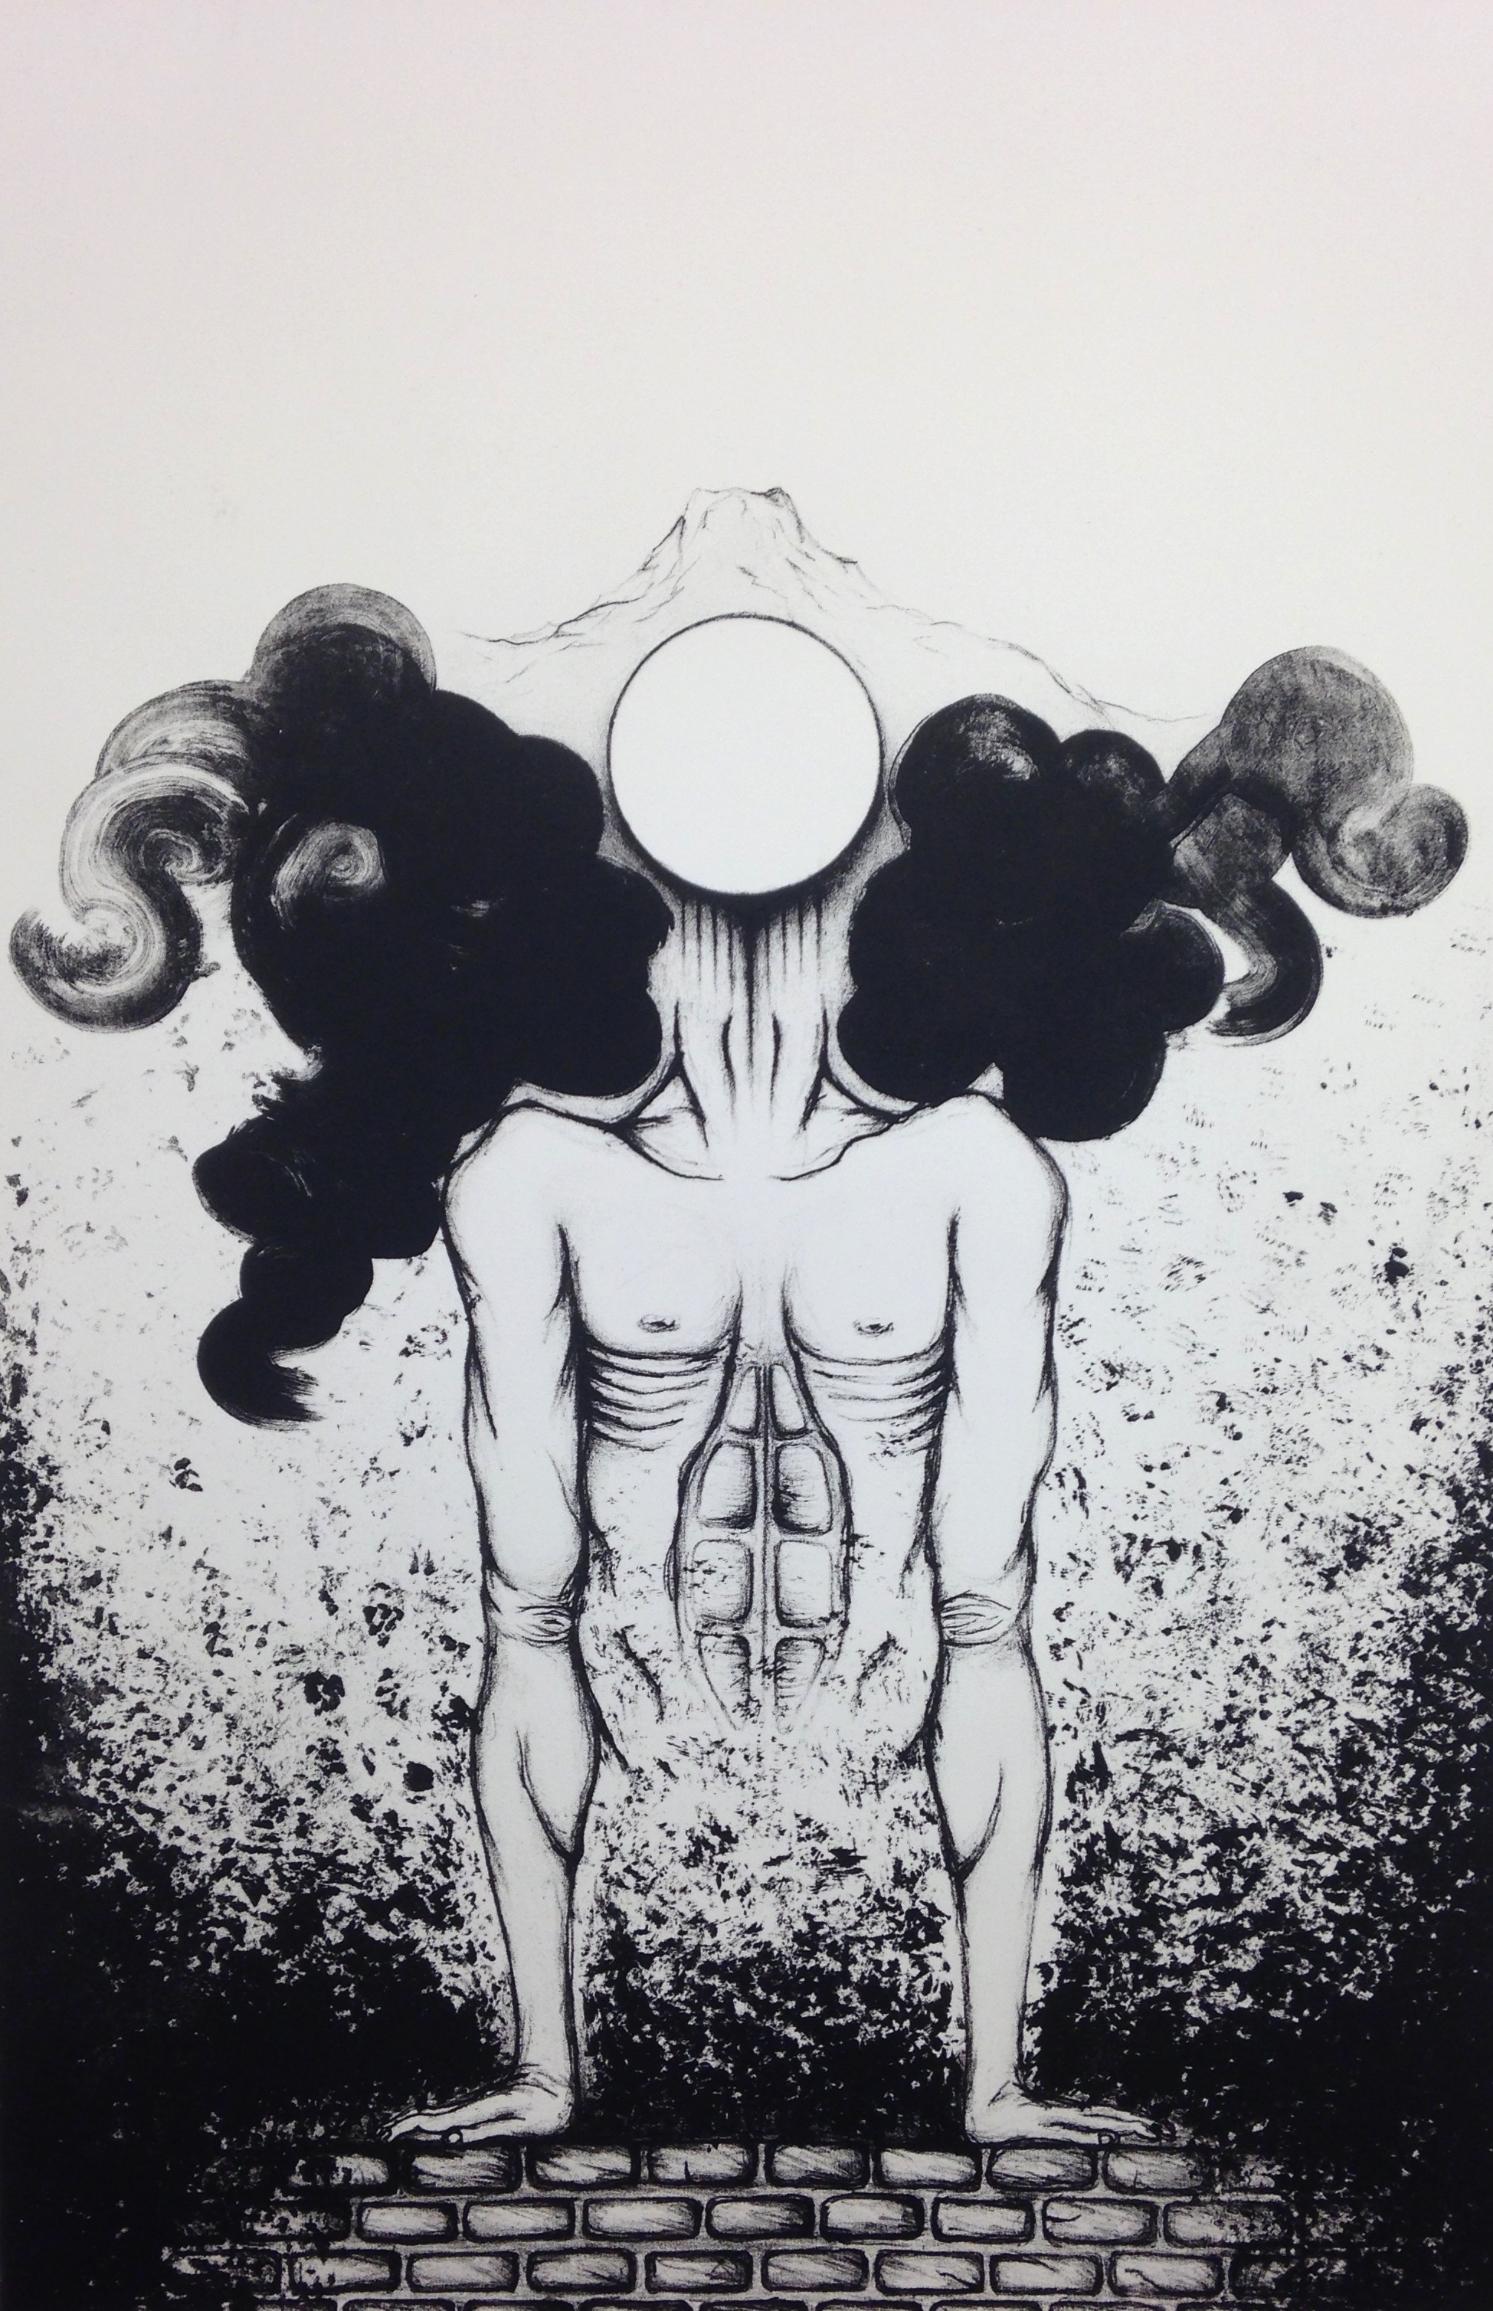 Self/Destruct/Transcend